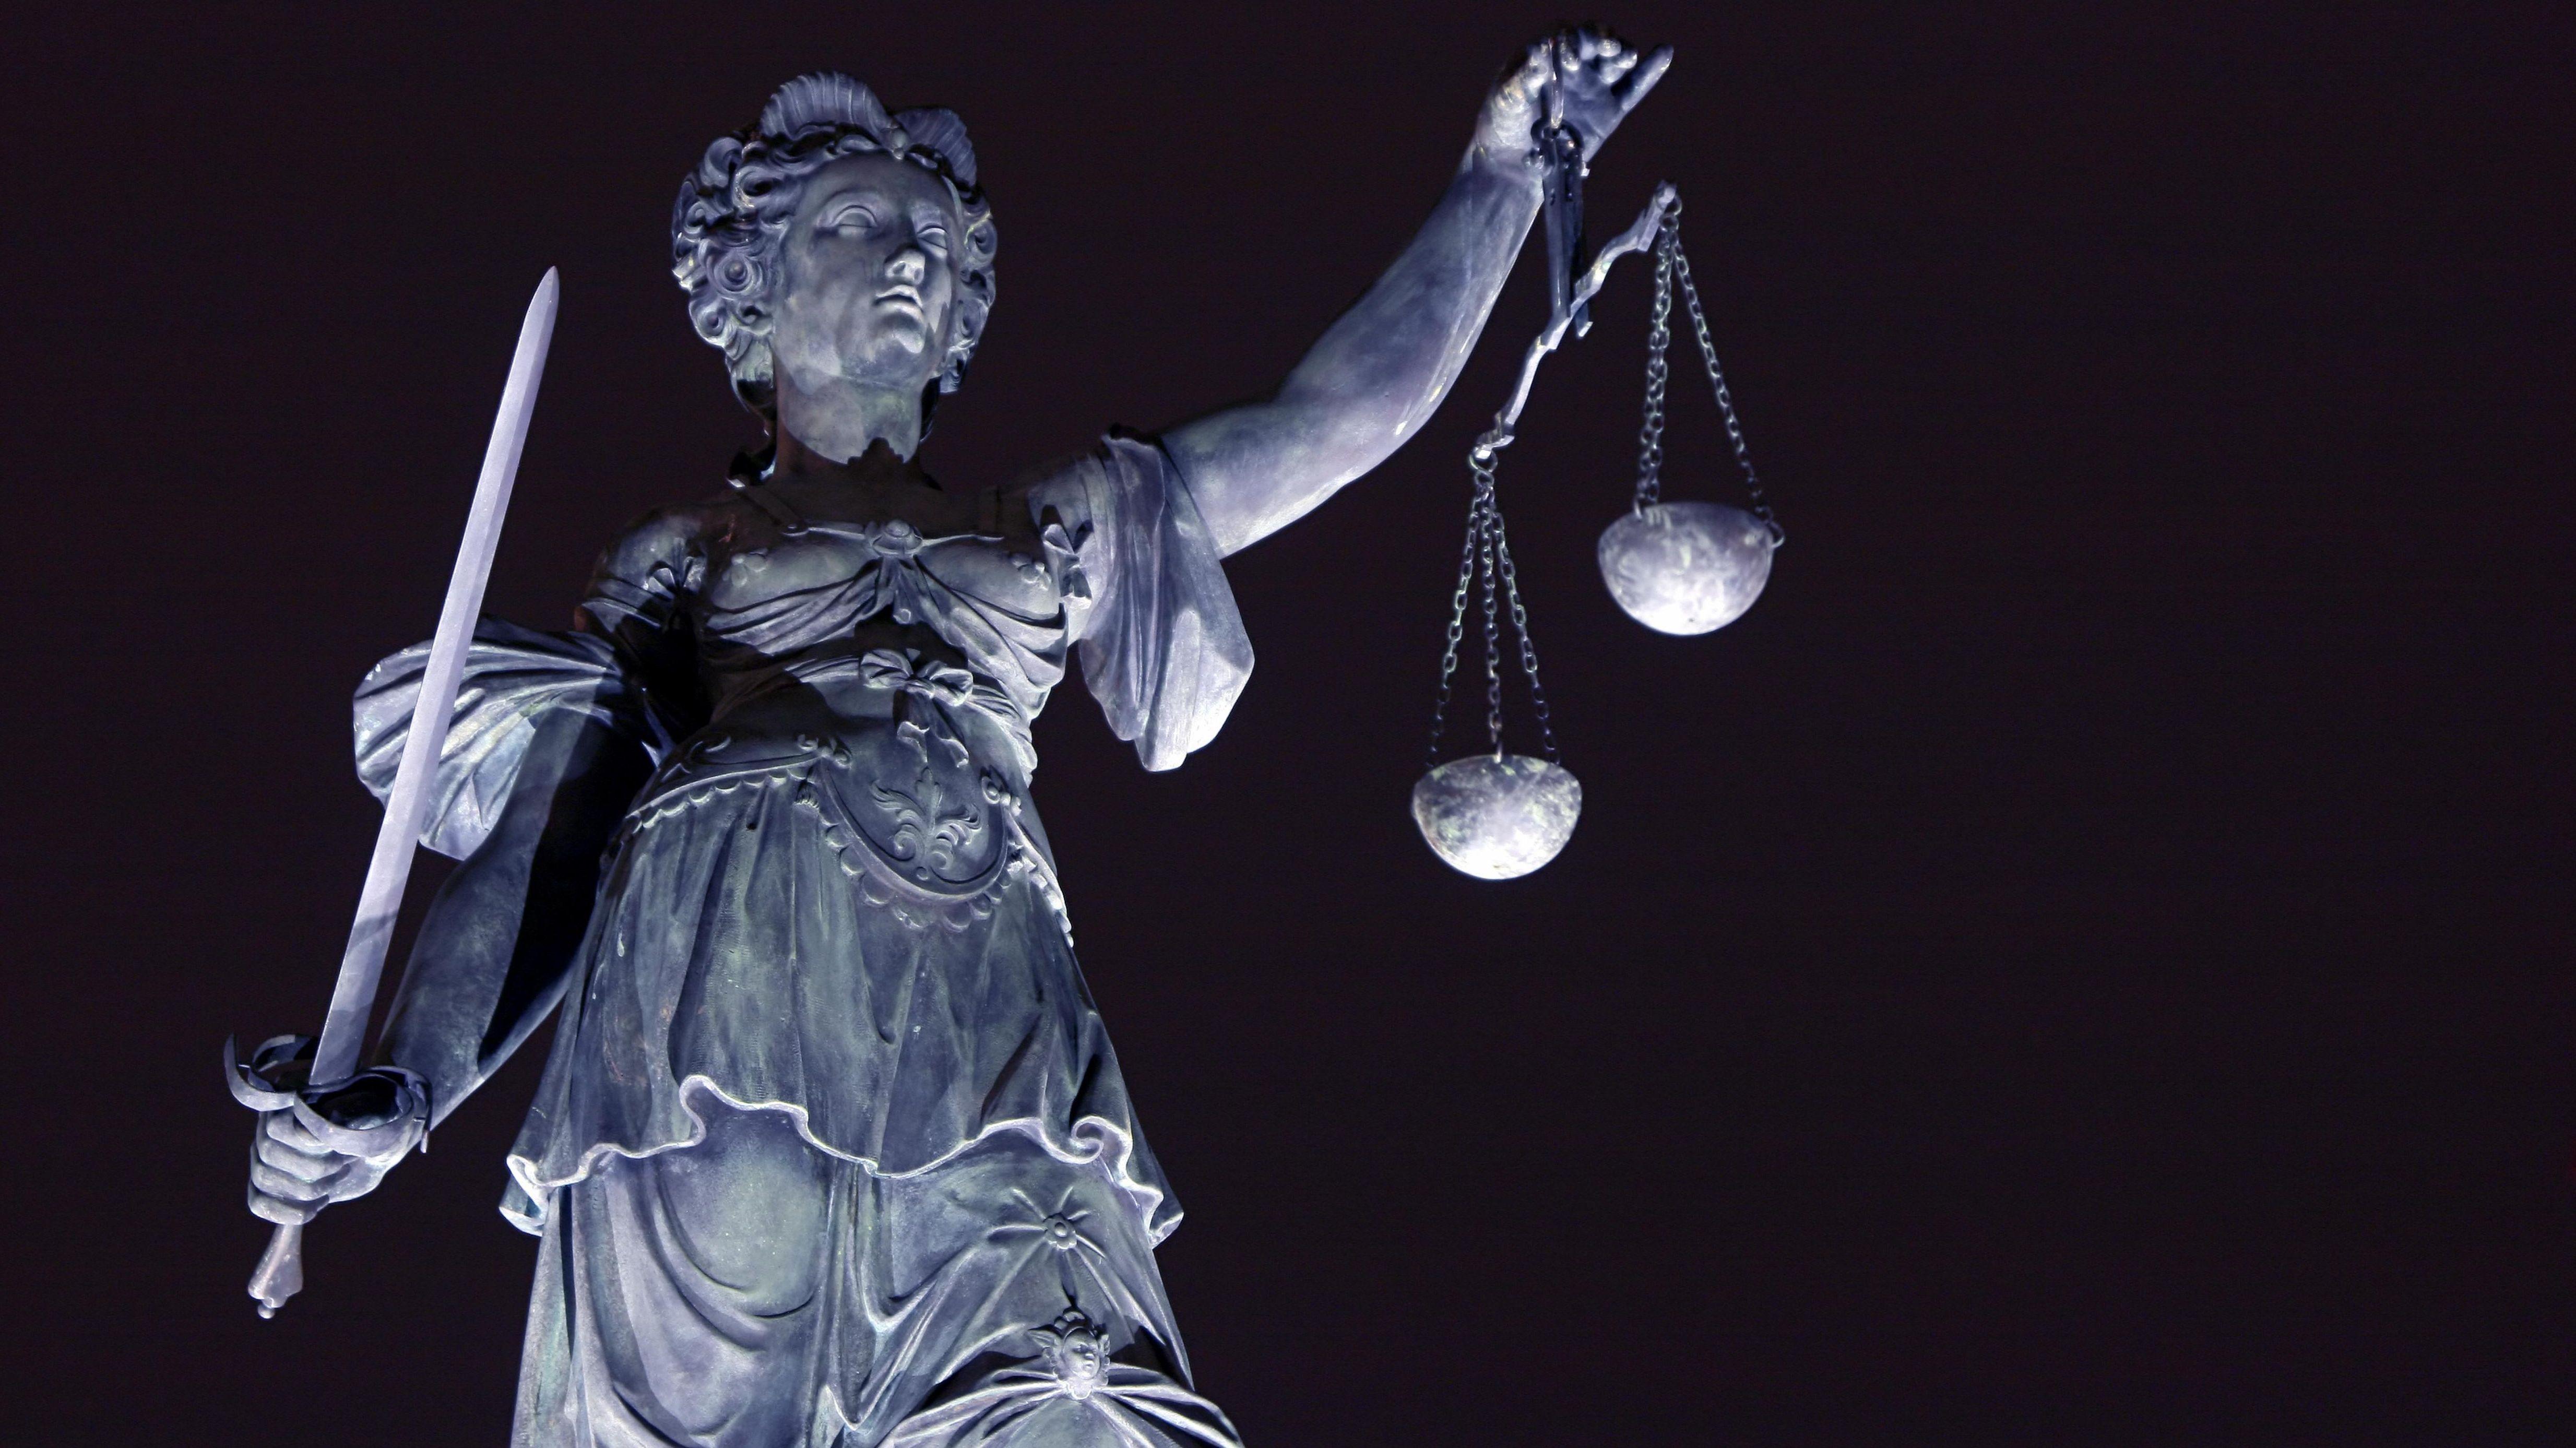 Justitia-Brunnen bei Nacht